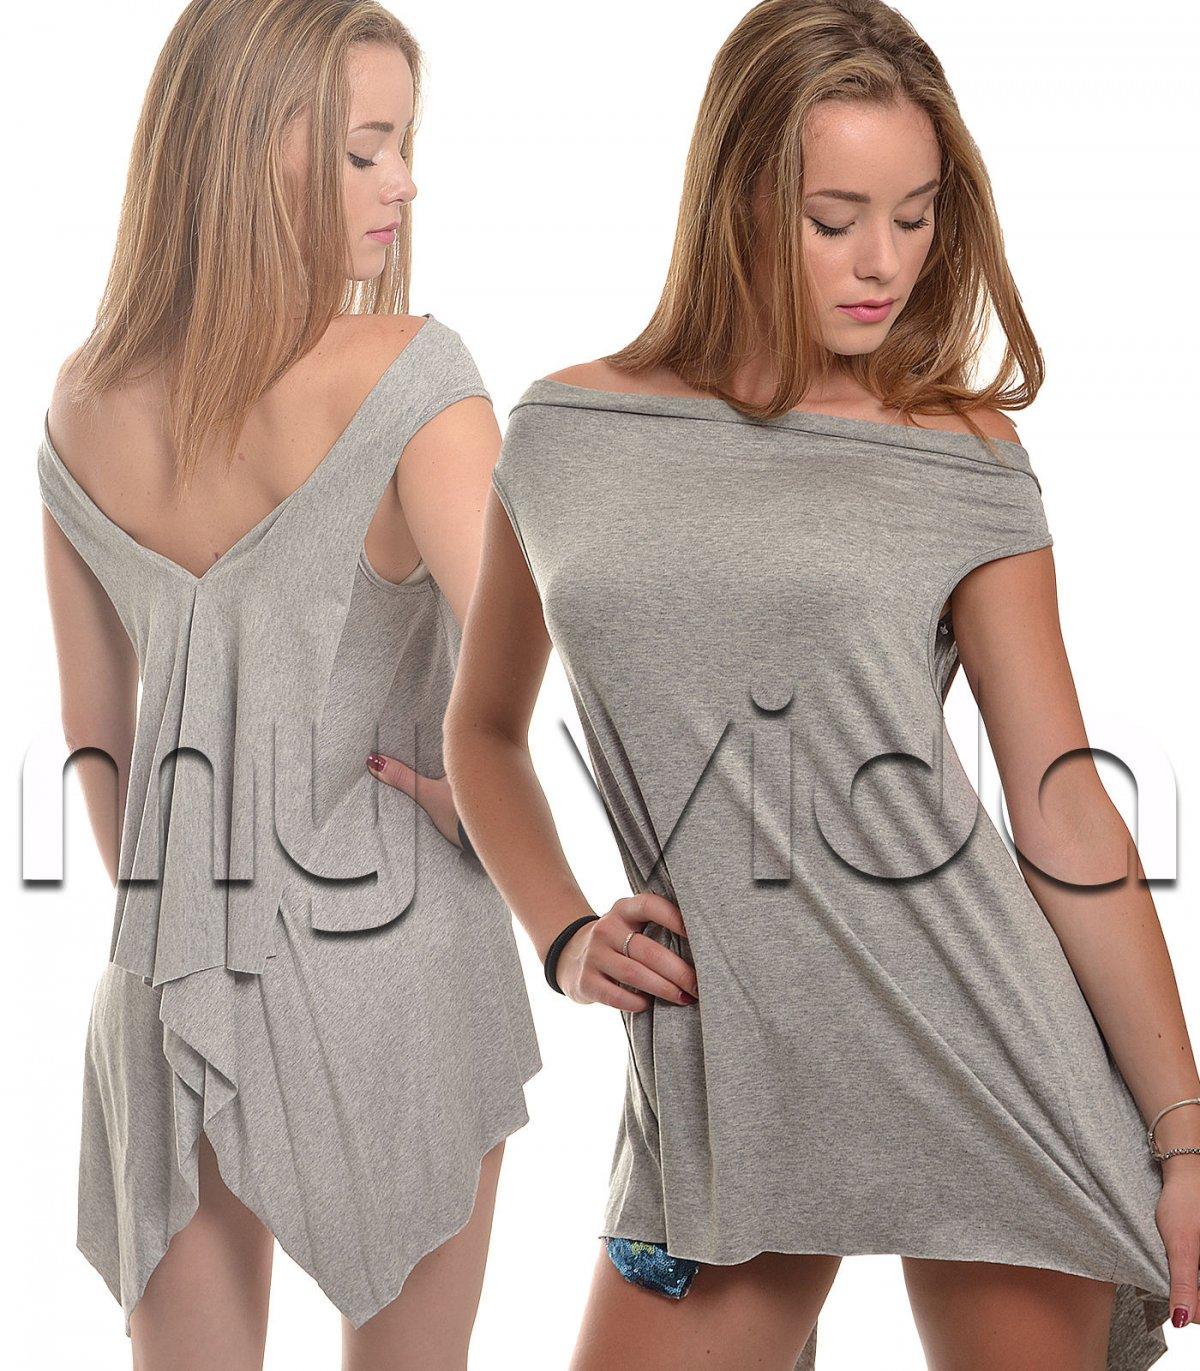 wholesale dealer a81fd 0f2a0 T-shirt canotta donna asimmetrica lunga dietro | My Vida